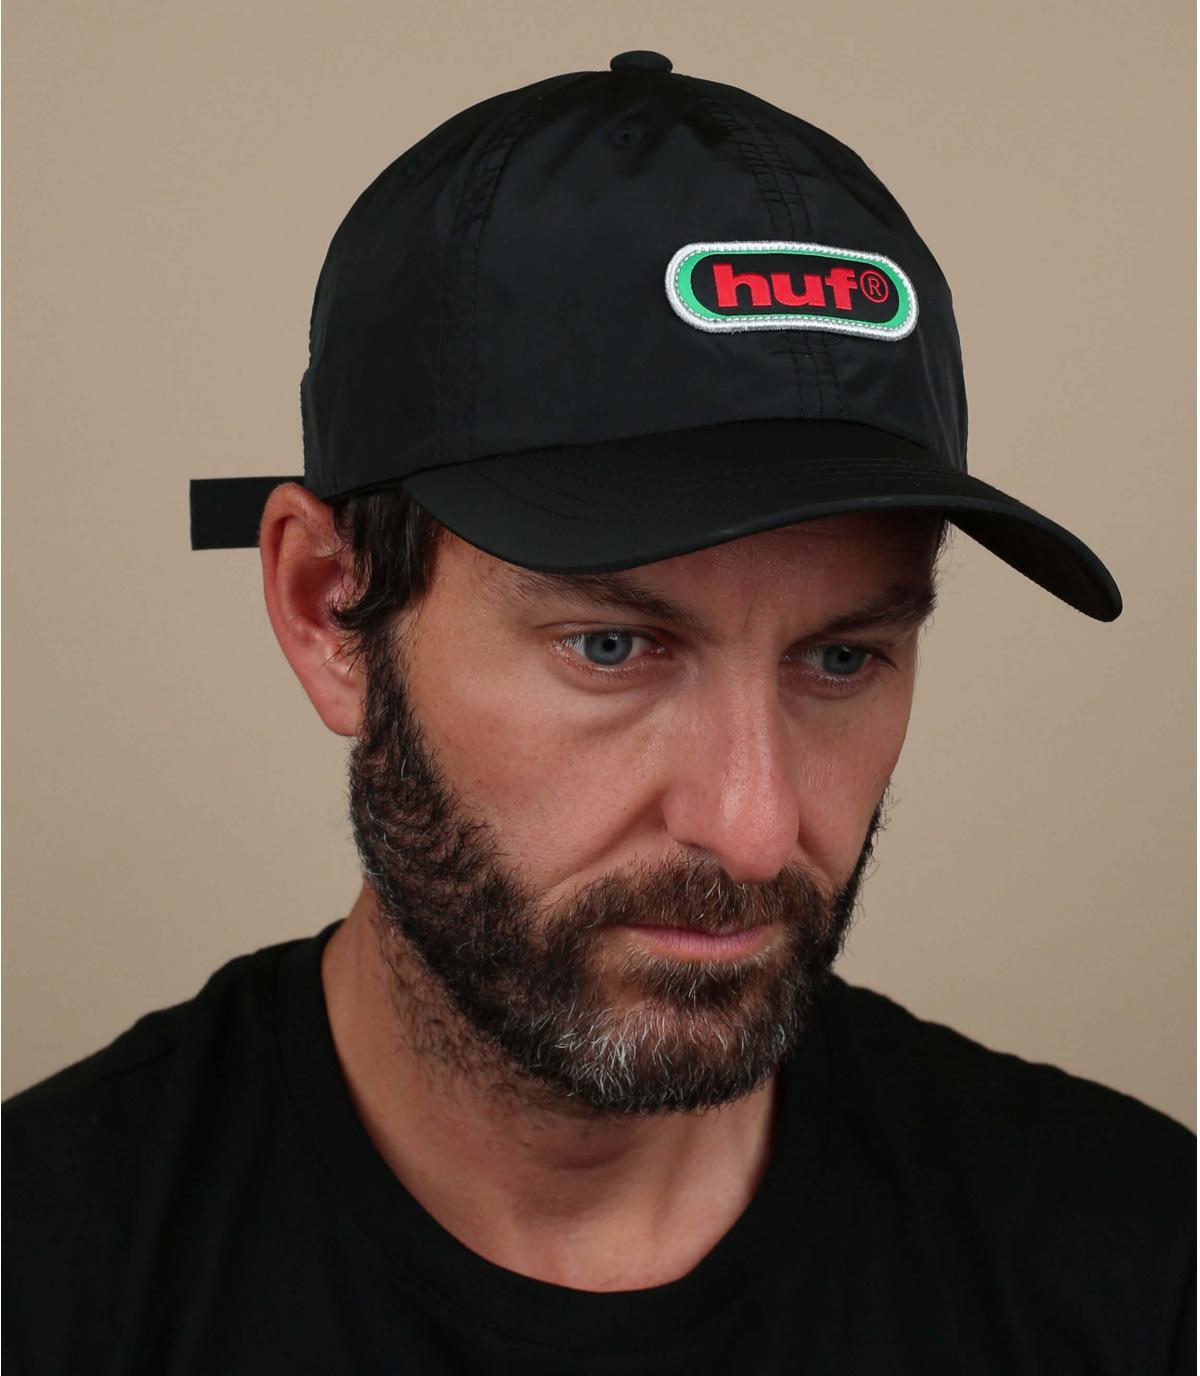 casquette noir Huf rétro